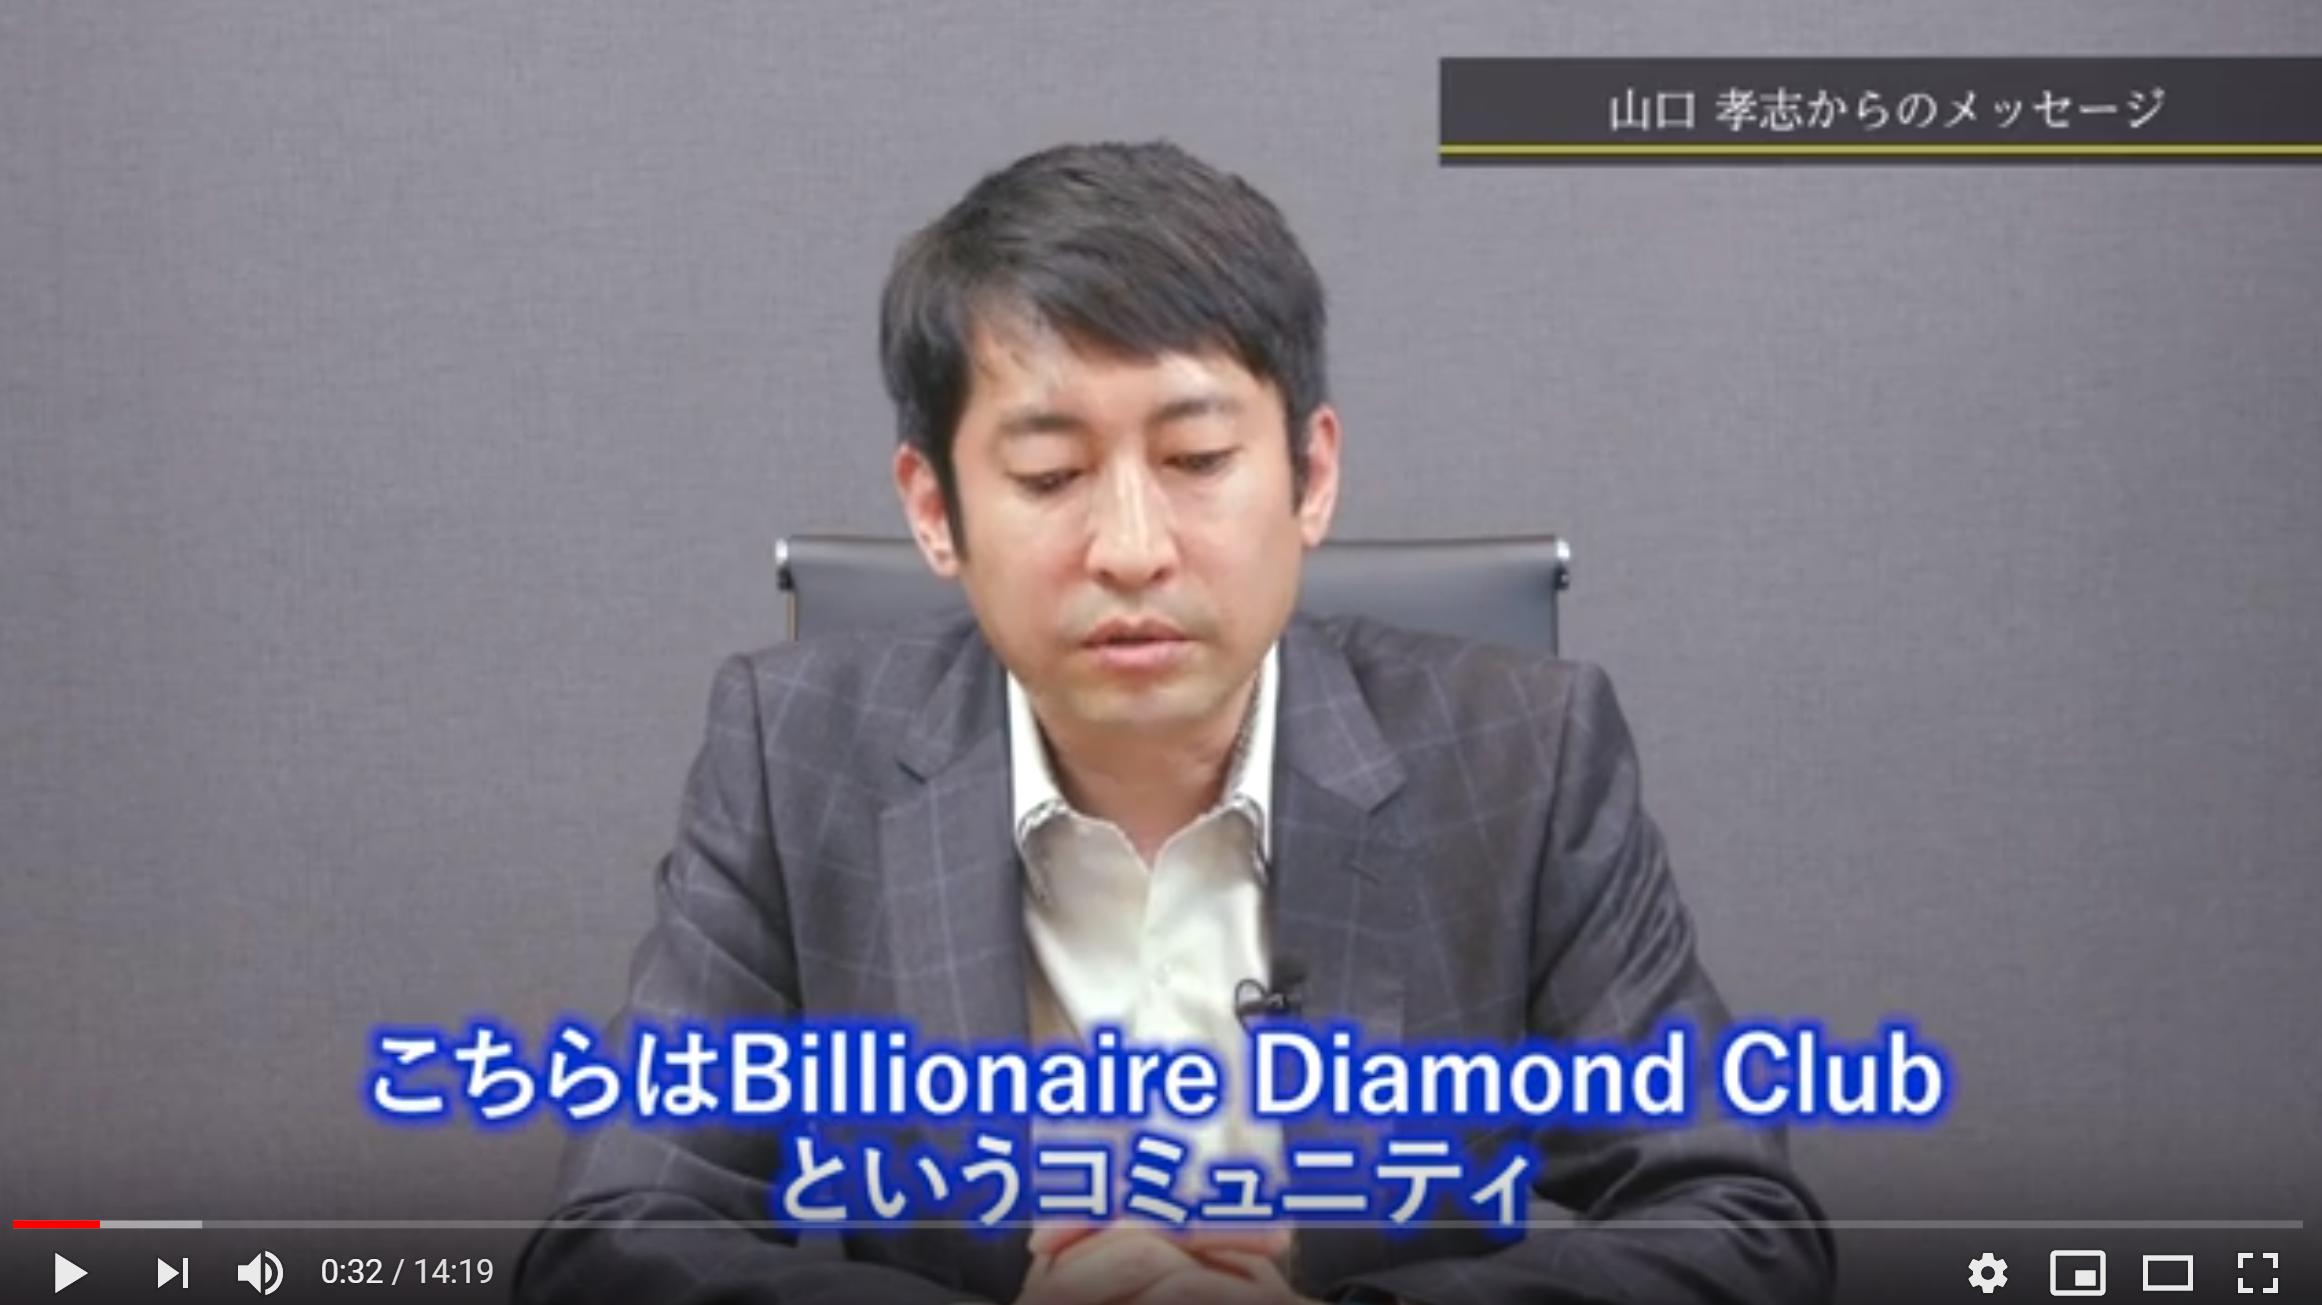 山口考志 ビリオネアダイヤモンドクラブ